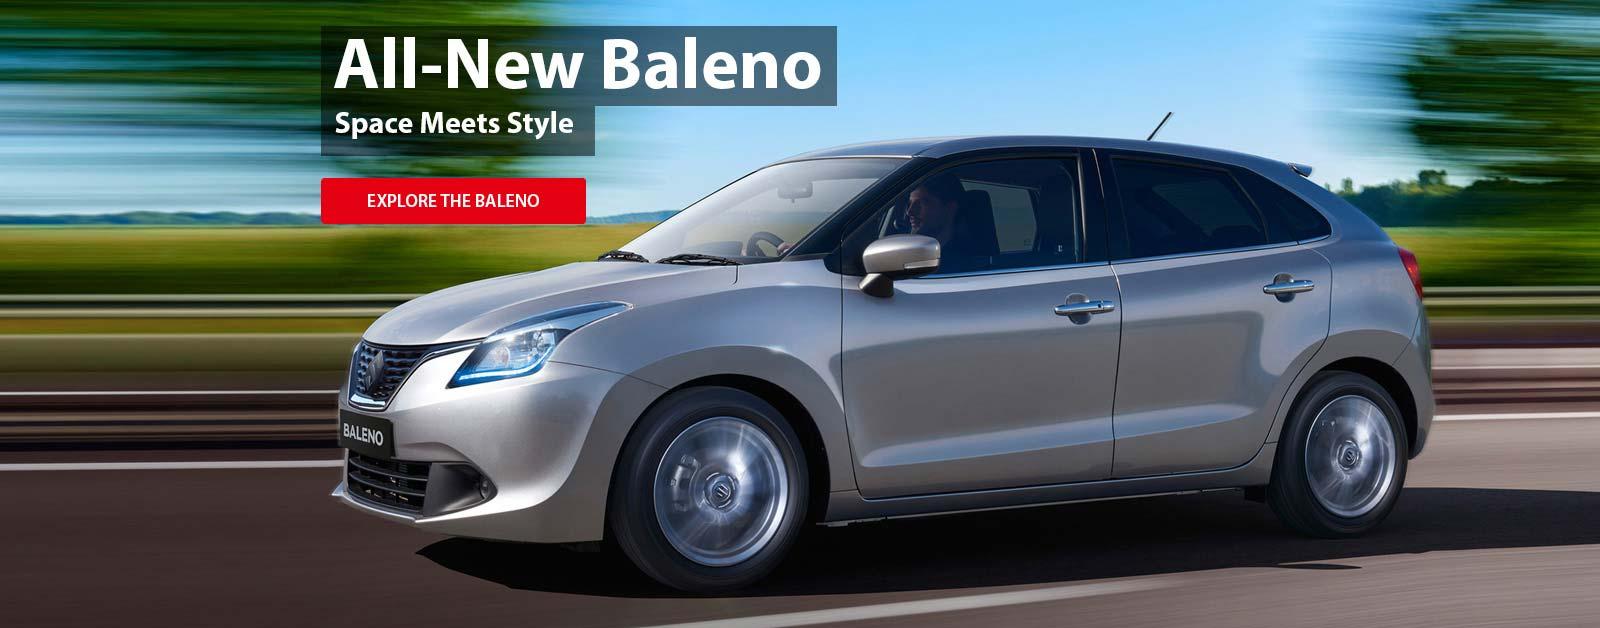 The all new Baleno, space meets style at Nundah Suzuki, your number 1 Suzuki dealer in Brisbane.